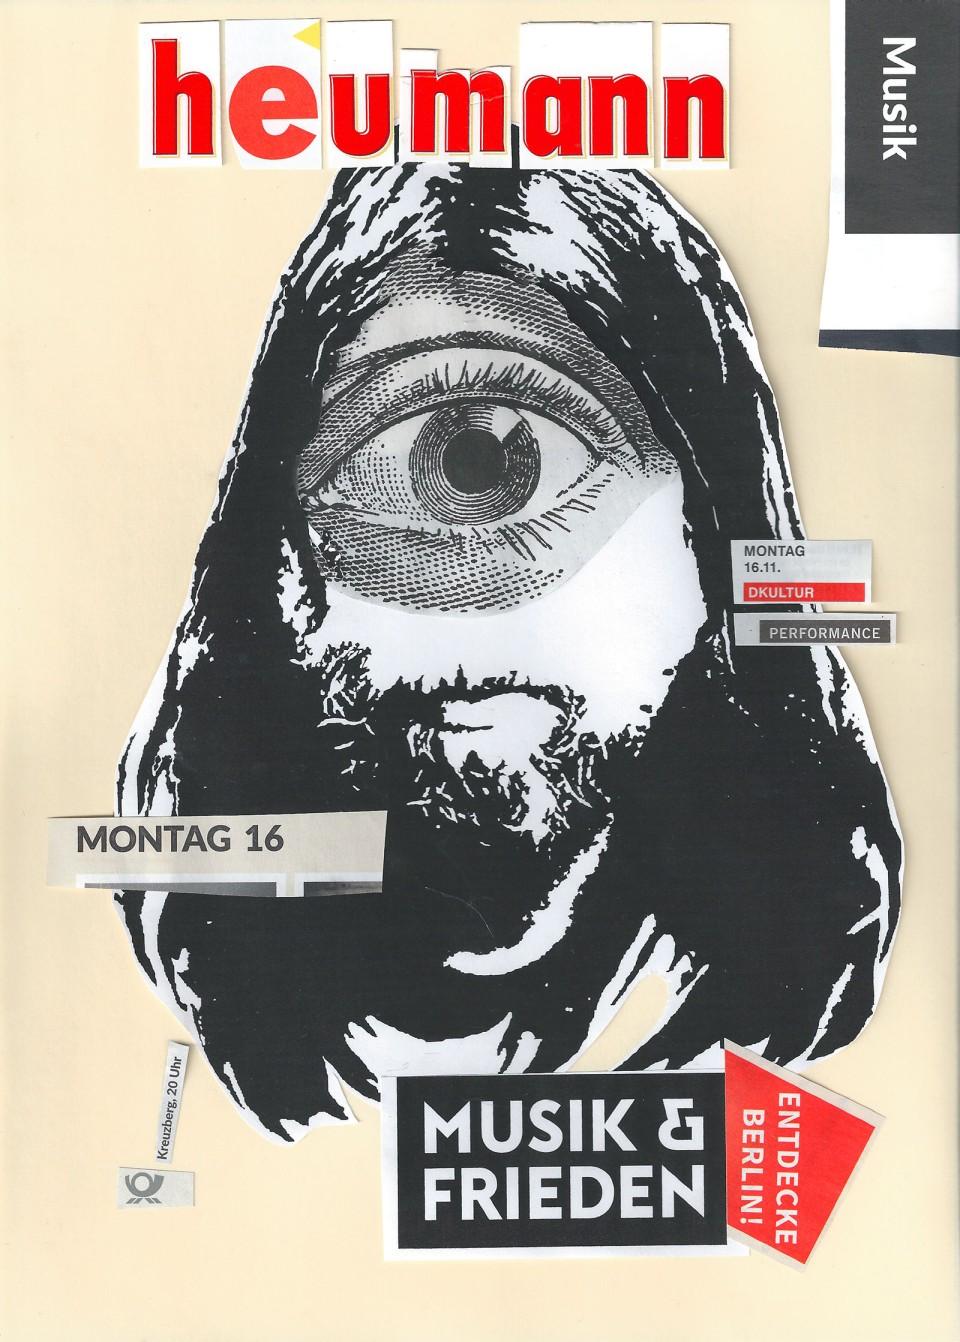 Dave Heumann, Musik & Frieden, 2015